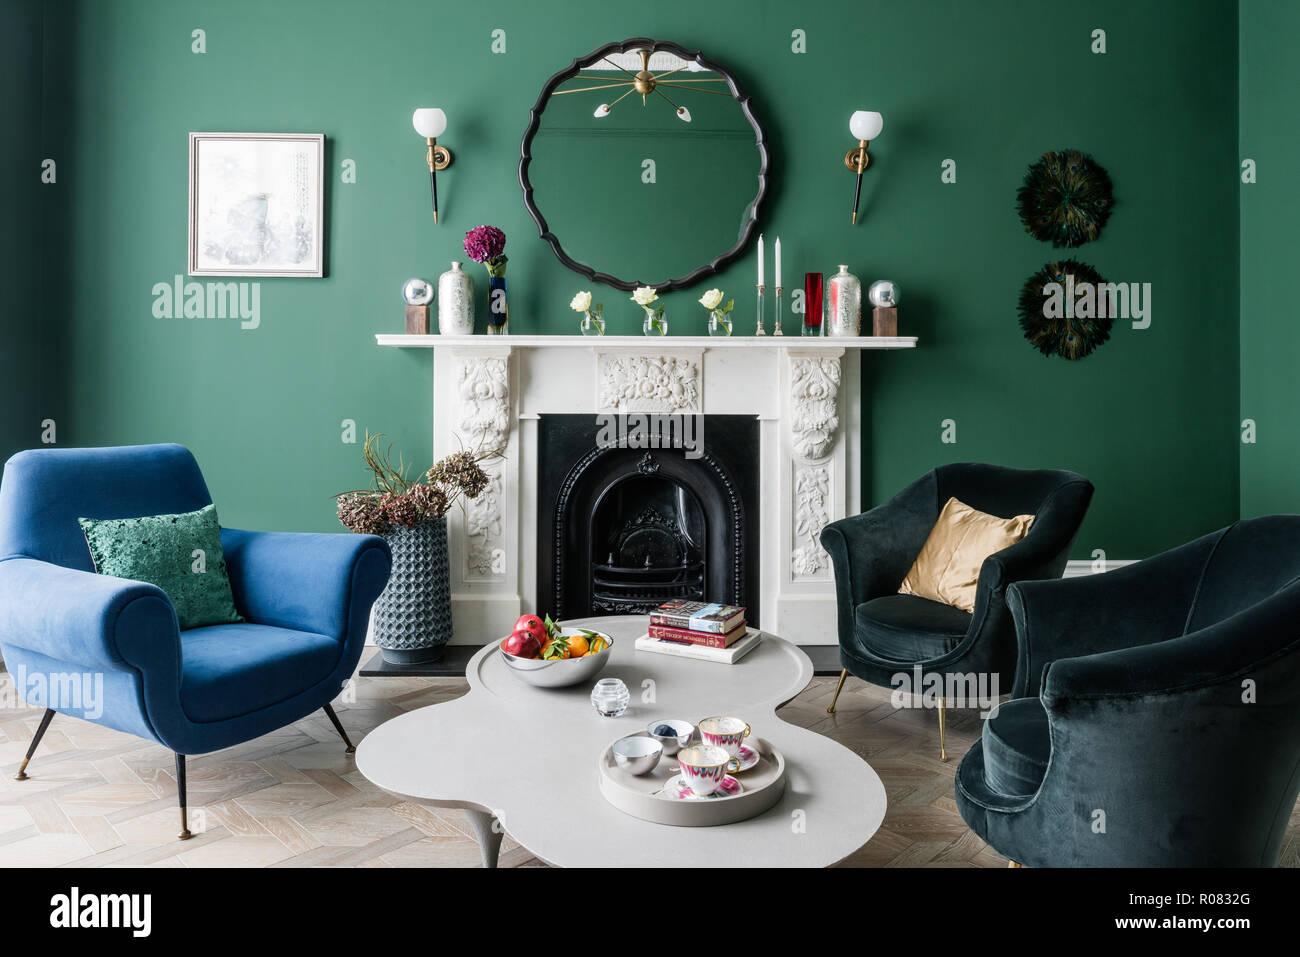 Grün Und Blau Getönten Wohnzimmer Stockfoto Bild 223912824 Alamy